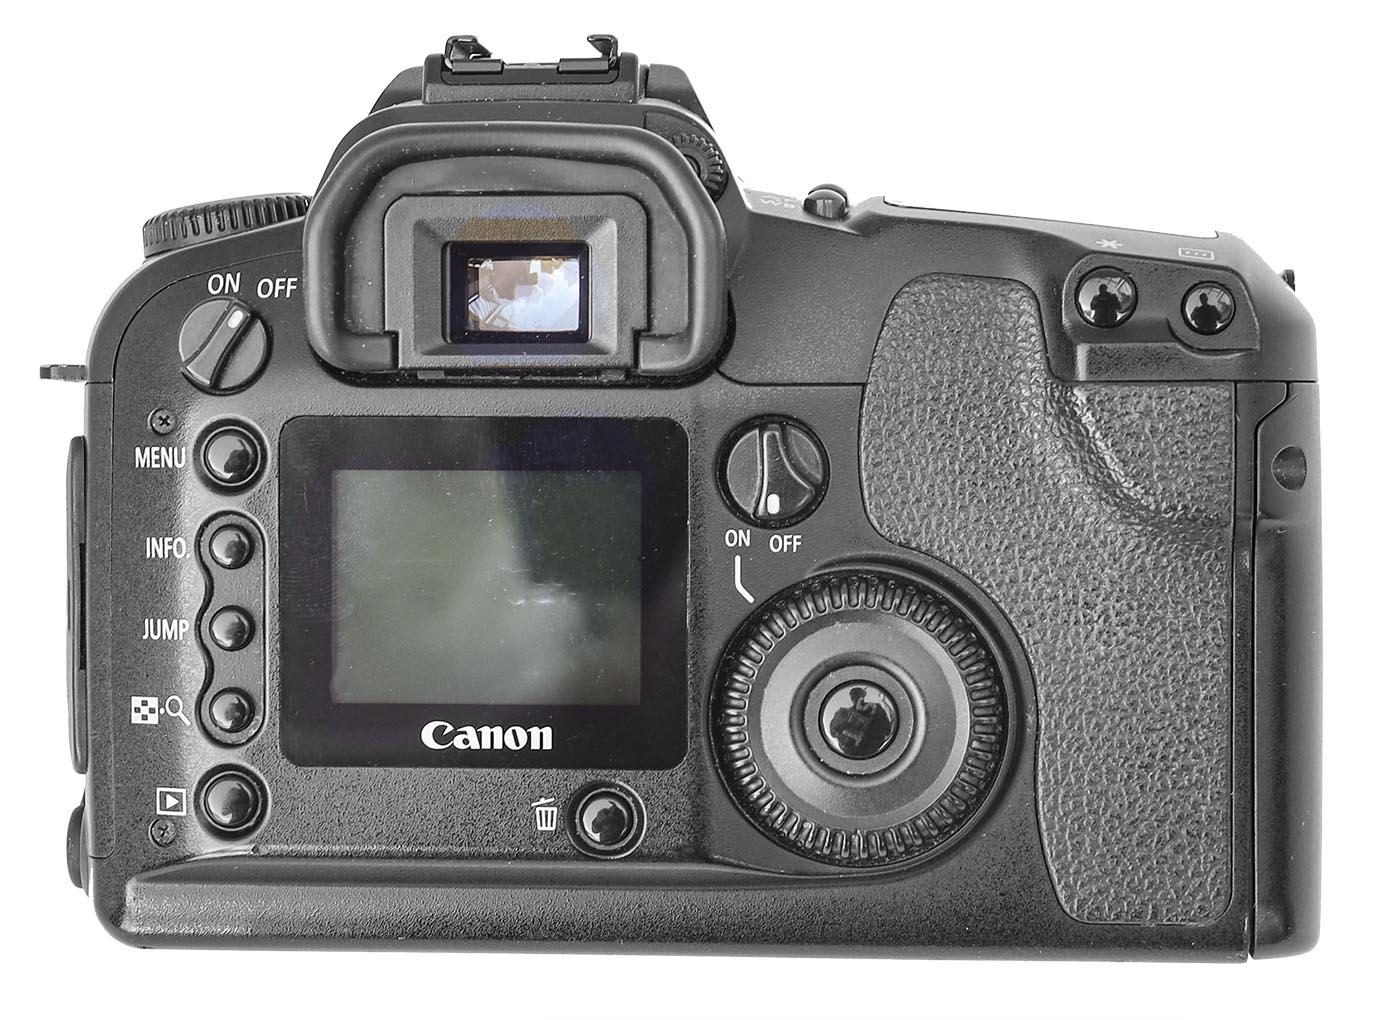 Canon EOS D60 Camera